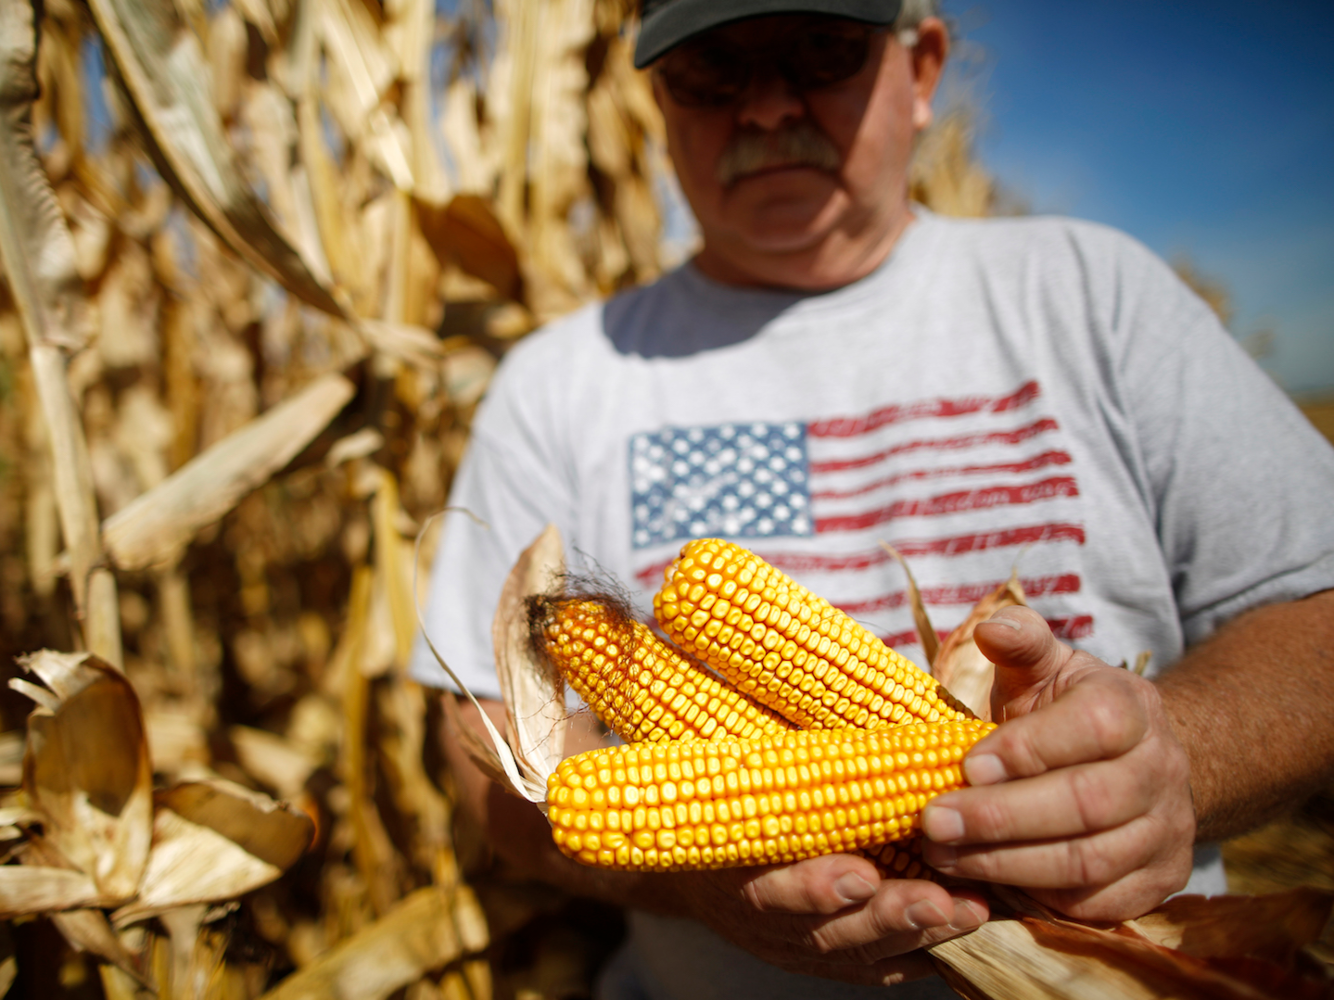 ۸ واقعیت جالب و خواندنی در مورد صنعت کشاورزی و دامداری در ایالات متحده